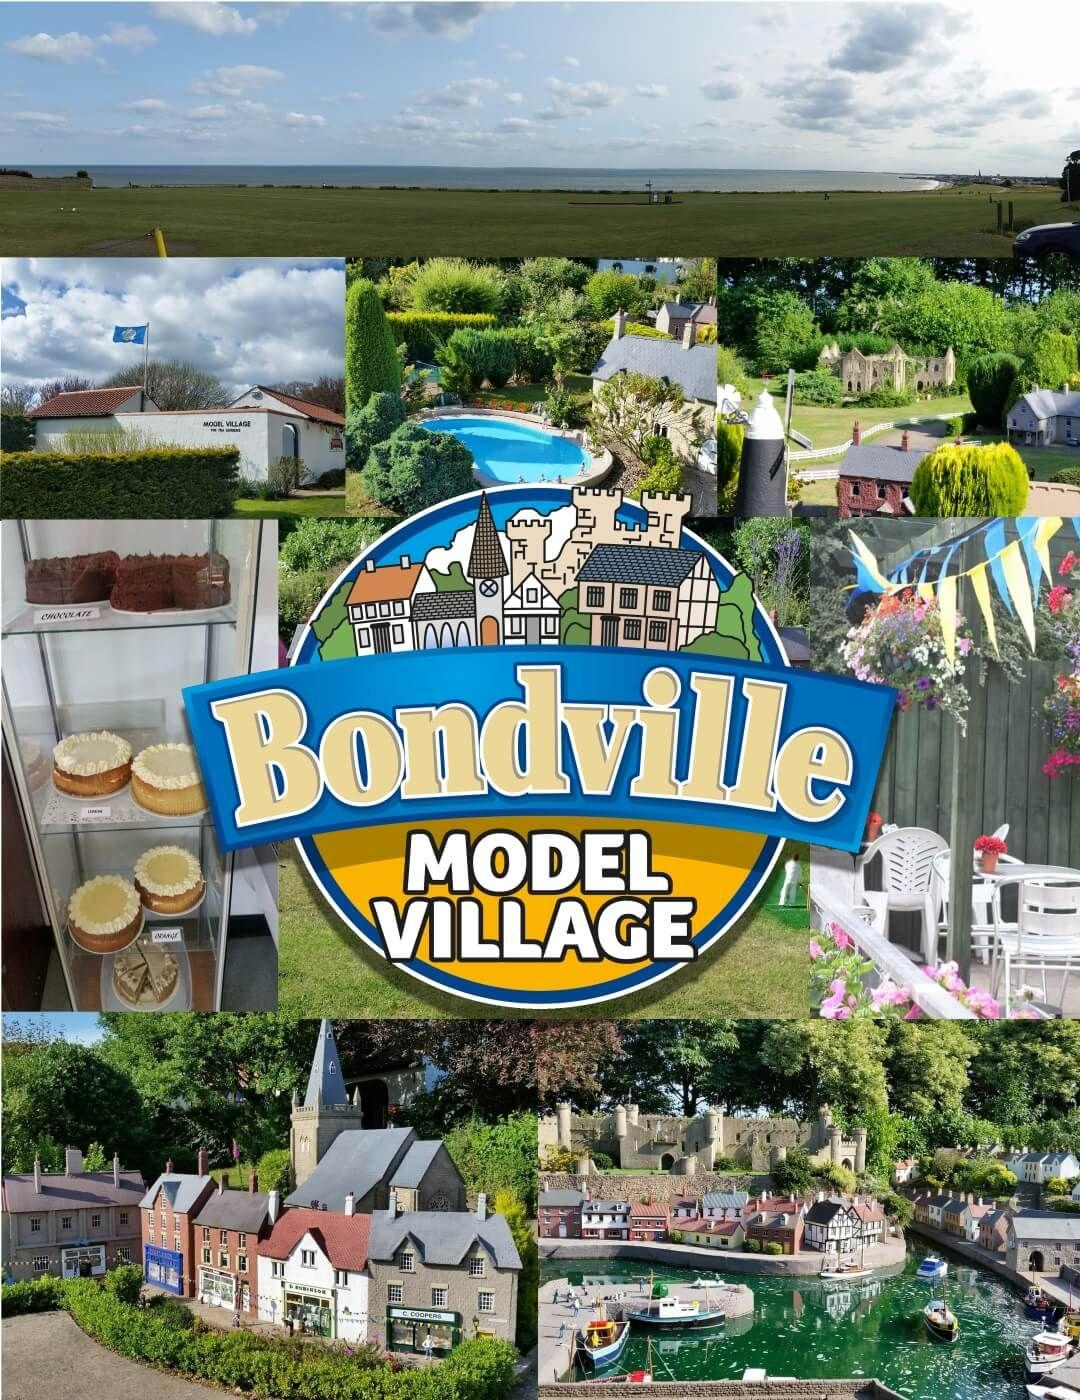 Bondville Model Village Bridlington | Model village, East riding of  yorkshire, Village